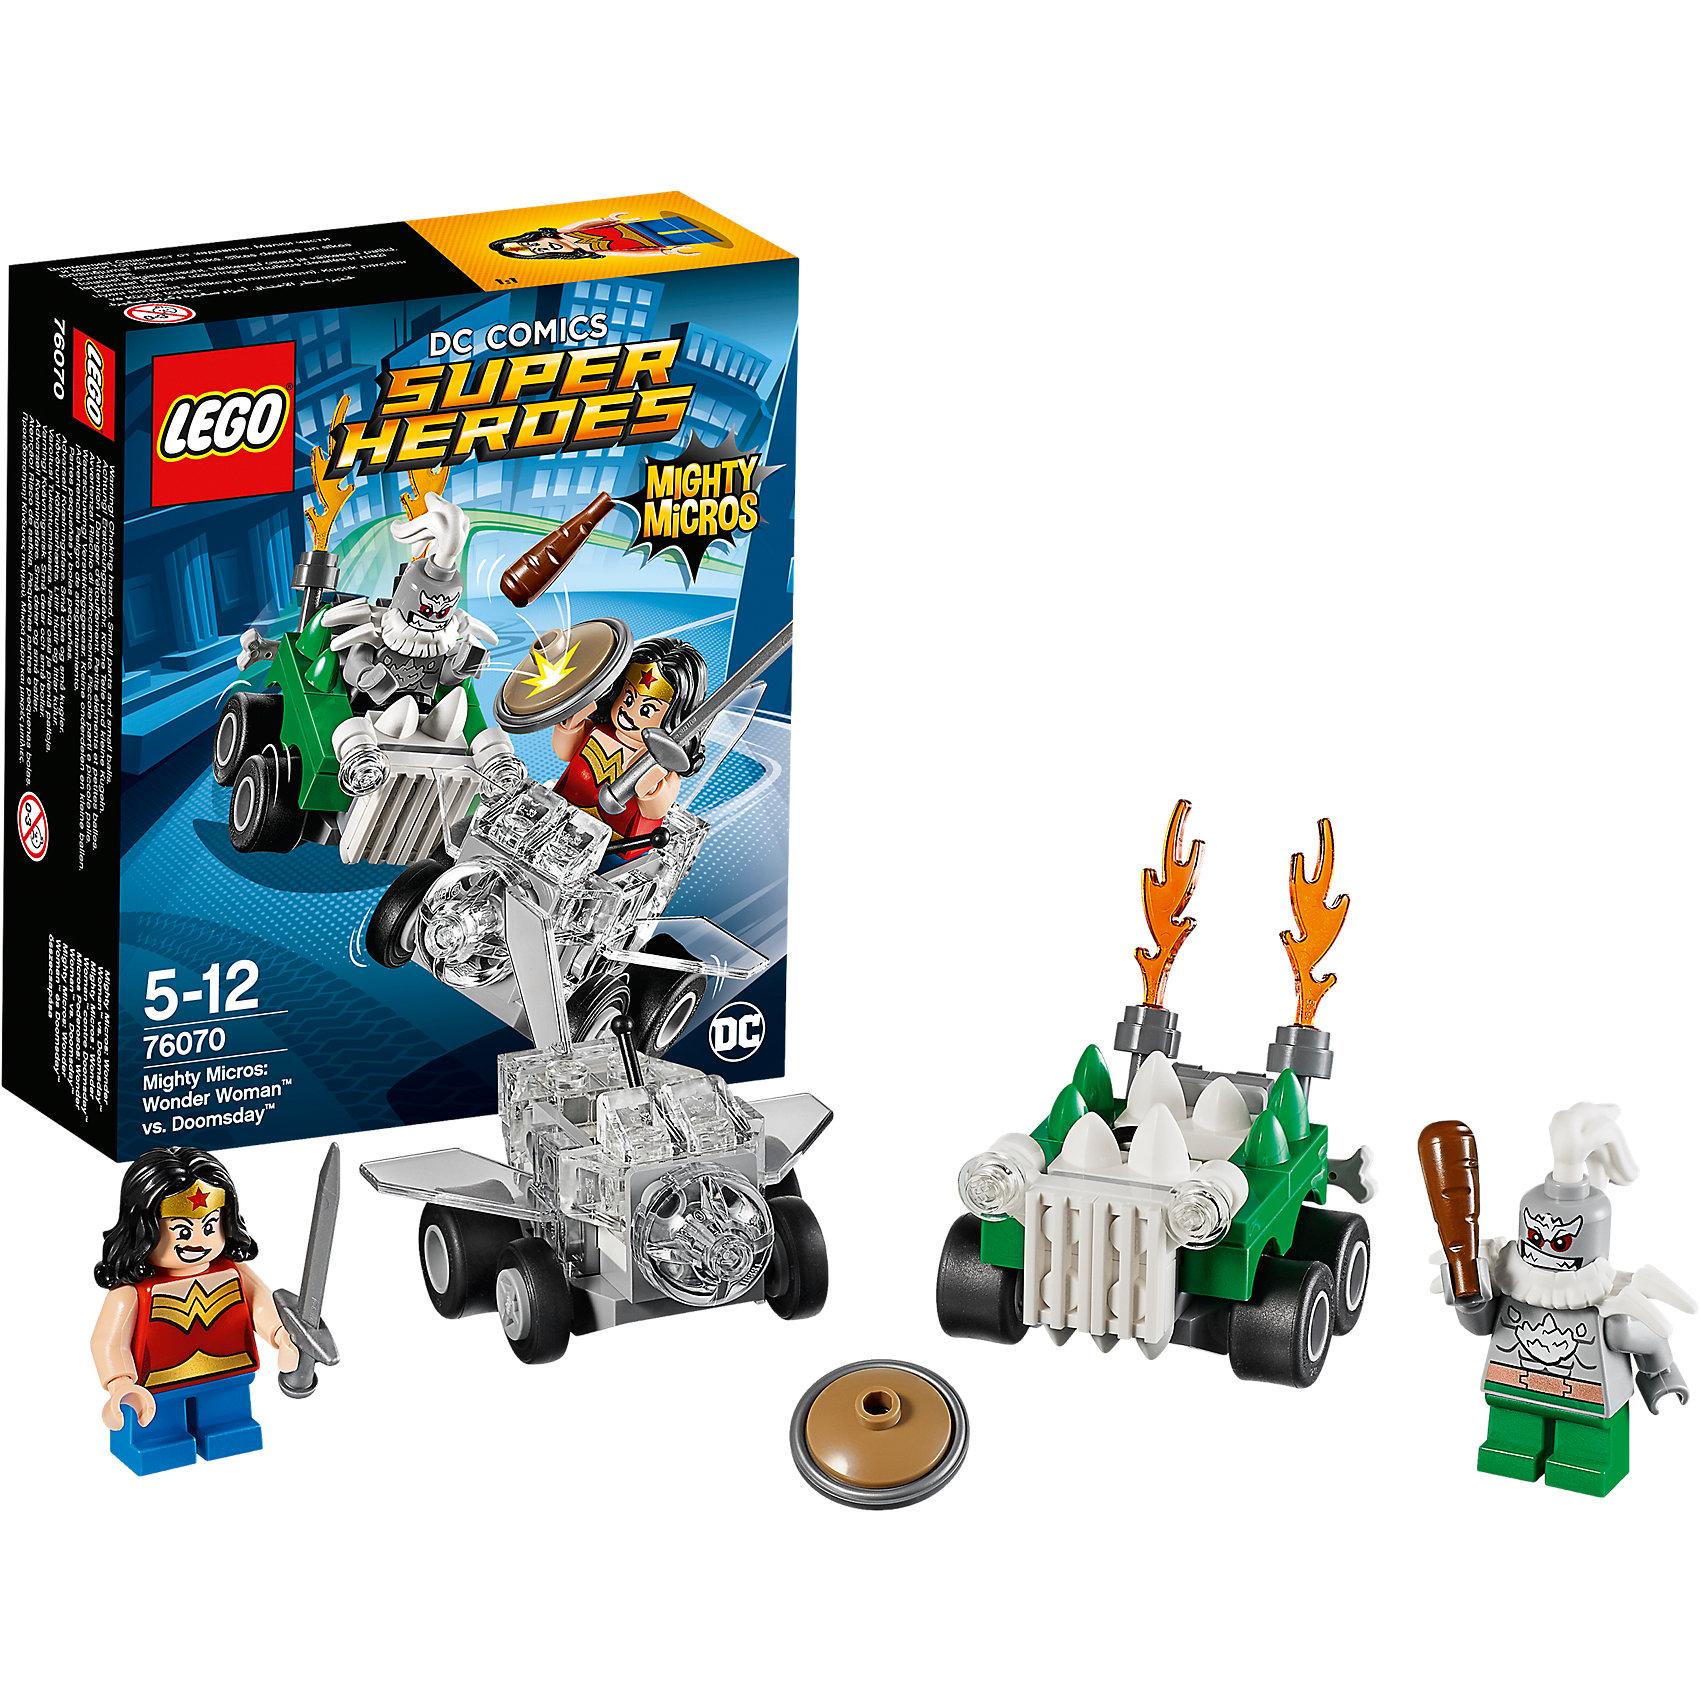 LEGO Super Heroes 76070: Mighty Micros: Чудо-женщина против ДумсдэяLEGO Super Heroes 76070: Mighty Micros: Чудо-женщина против Думсдэя<br><br>Характеристики:<br><br>- в набор входит: детали двух транспортных средств, 2 минифигурки; аксессуары; инструкция по сборке<br>- минифигурки набора: Чудо-женщина, Думсдэй<br>- состав: пластик<br>- количество деталей: 85 <br>- размер самолета Чудо-женщины: 6 * 1 * 4 см.<br>- размер машины Думсдэя: 7 * 4 * 4 см.<br>- для детей в возрасте: от 5 до 12 лет<br>- Страна производитель: Дания/Китай/Чехия<br><br>Легендарный конструктор LEGO (ЛЕГО) представляет серию «Super Heroes» (Супер герои) по сюжетам фильмов и мультфильмов о супергероях. Этот набор понравится любителям комиксов DC, мультфильмов и фильмов о Чудо-женщине. <br><br>Фигурки набора выглядят ярко, очень качественно проработаны, в их разработке были использованы уникальные детали не встречающиеся в других наборах. В своем противостоянии соперники сели за руль машин, создав невероятные сцены погони и битвы. <br><br>Чудо-женщина села за штурвал своего невидимого самолета, который может передвигаться по земле, как и машина. Отличная детализация прозрачными деталями делают ее самолет еще более реалистичным. Злодей Думсдэй сел за руль своего внедорожника, изрыгающего языки пламени, на кузове и капоте расположены угрожающие шипы. Помоги Чудо-женщине одержать верх над Думсдэем! <br><br>Играя с конструктором ребенок развивает моторику рук, воображение и логическое мышление, научится собирать по инструкции и создавать свои модели. Придумывайте новые истории любимых героев с набором LEGO «Super Heroes»!<br><br>Конструктор LEGO Super Heroes 76070: Mighty Micros: Чудо-женщина против Думсдэя можно купить в нашем интернет-магазине.<br><br>Ширина мм: 146<br>Глубина мм: 122<br>Высота мм: 50<br>Вес г: 83<br>Возраст от месяцев: 60<br>Возраст до месяцев: 144<br>Пол: Мужской<br>Возраст: Детский<br>SKU: 5002442